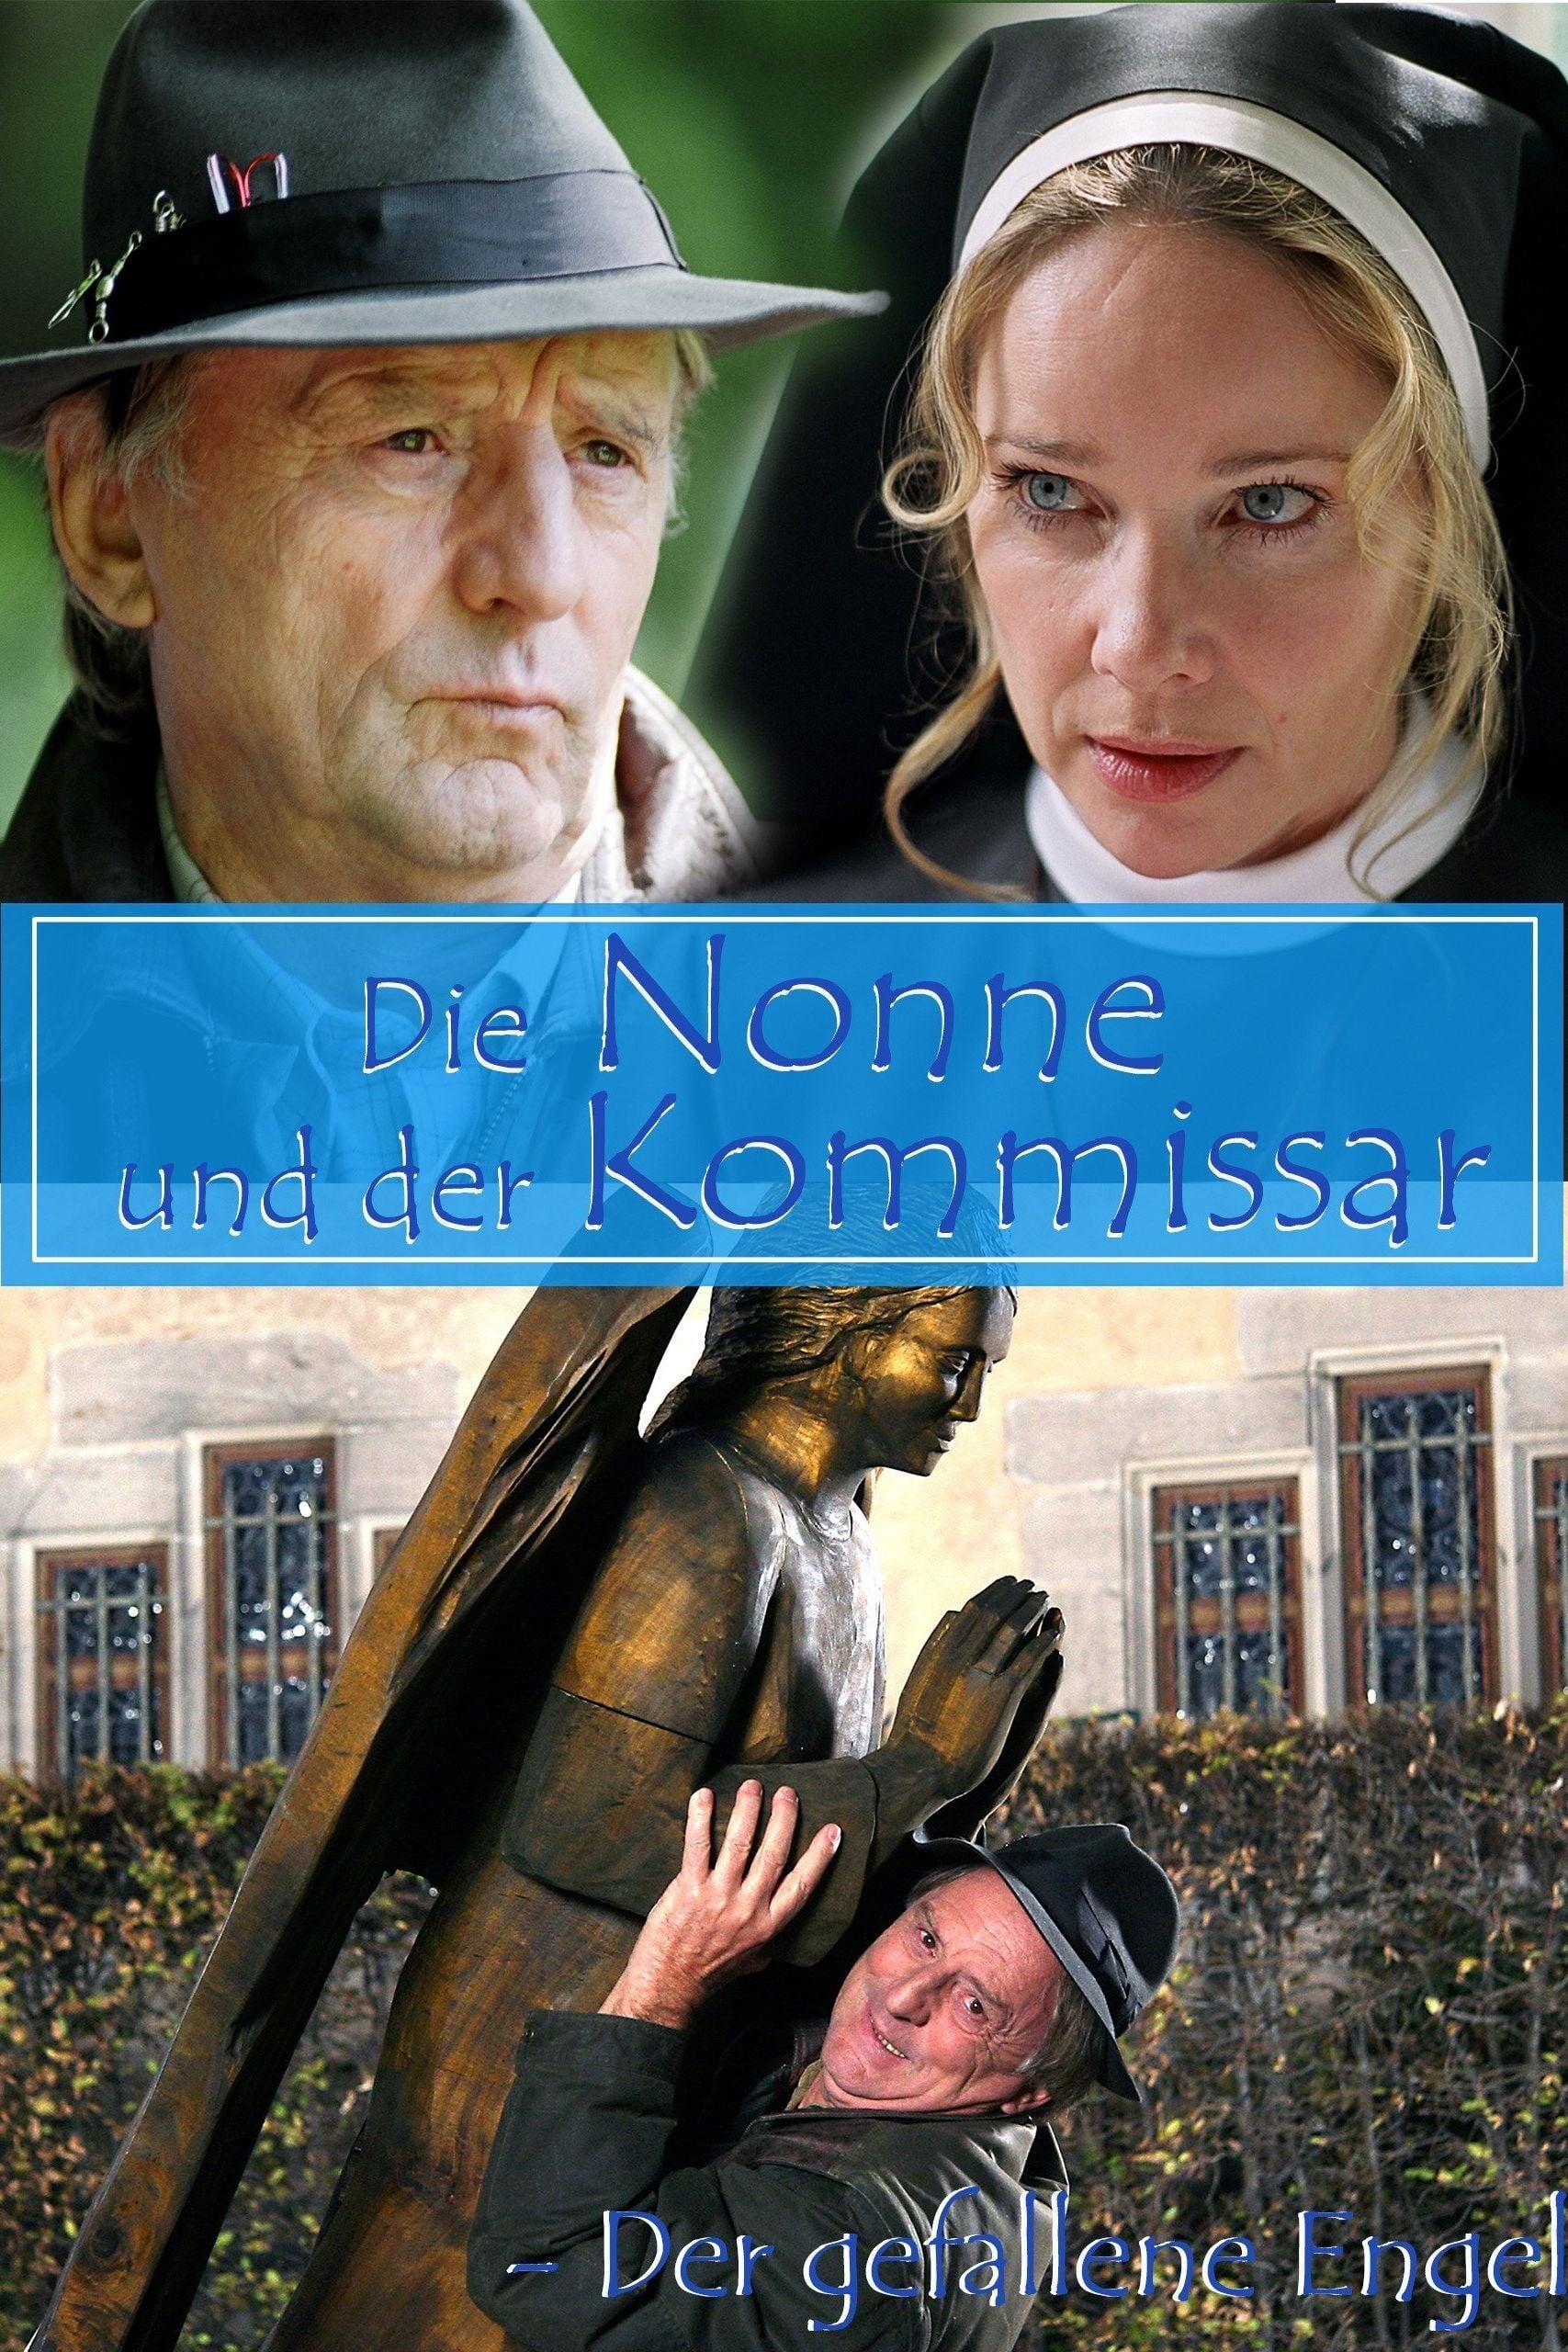 La monja y el comisario: El ángel caído